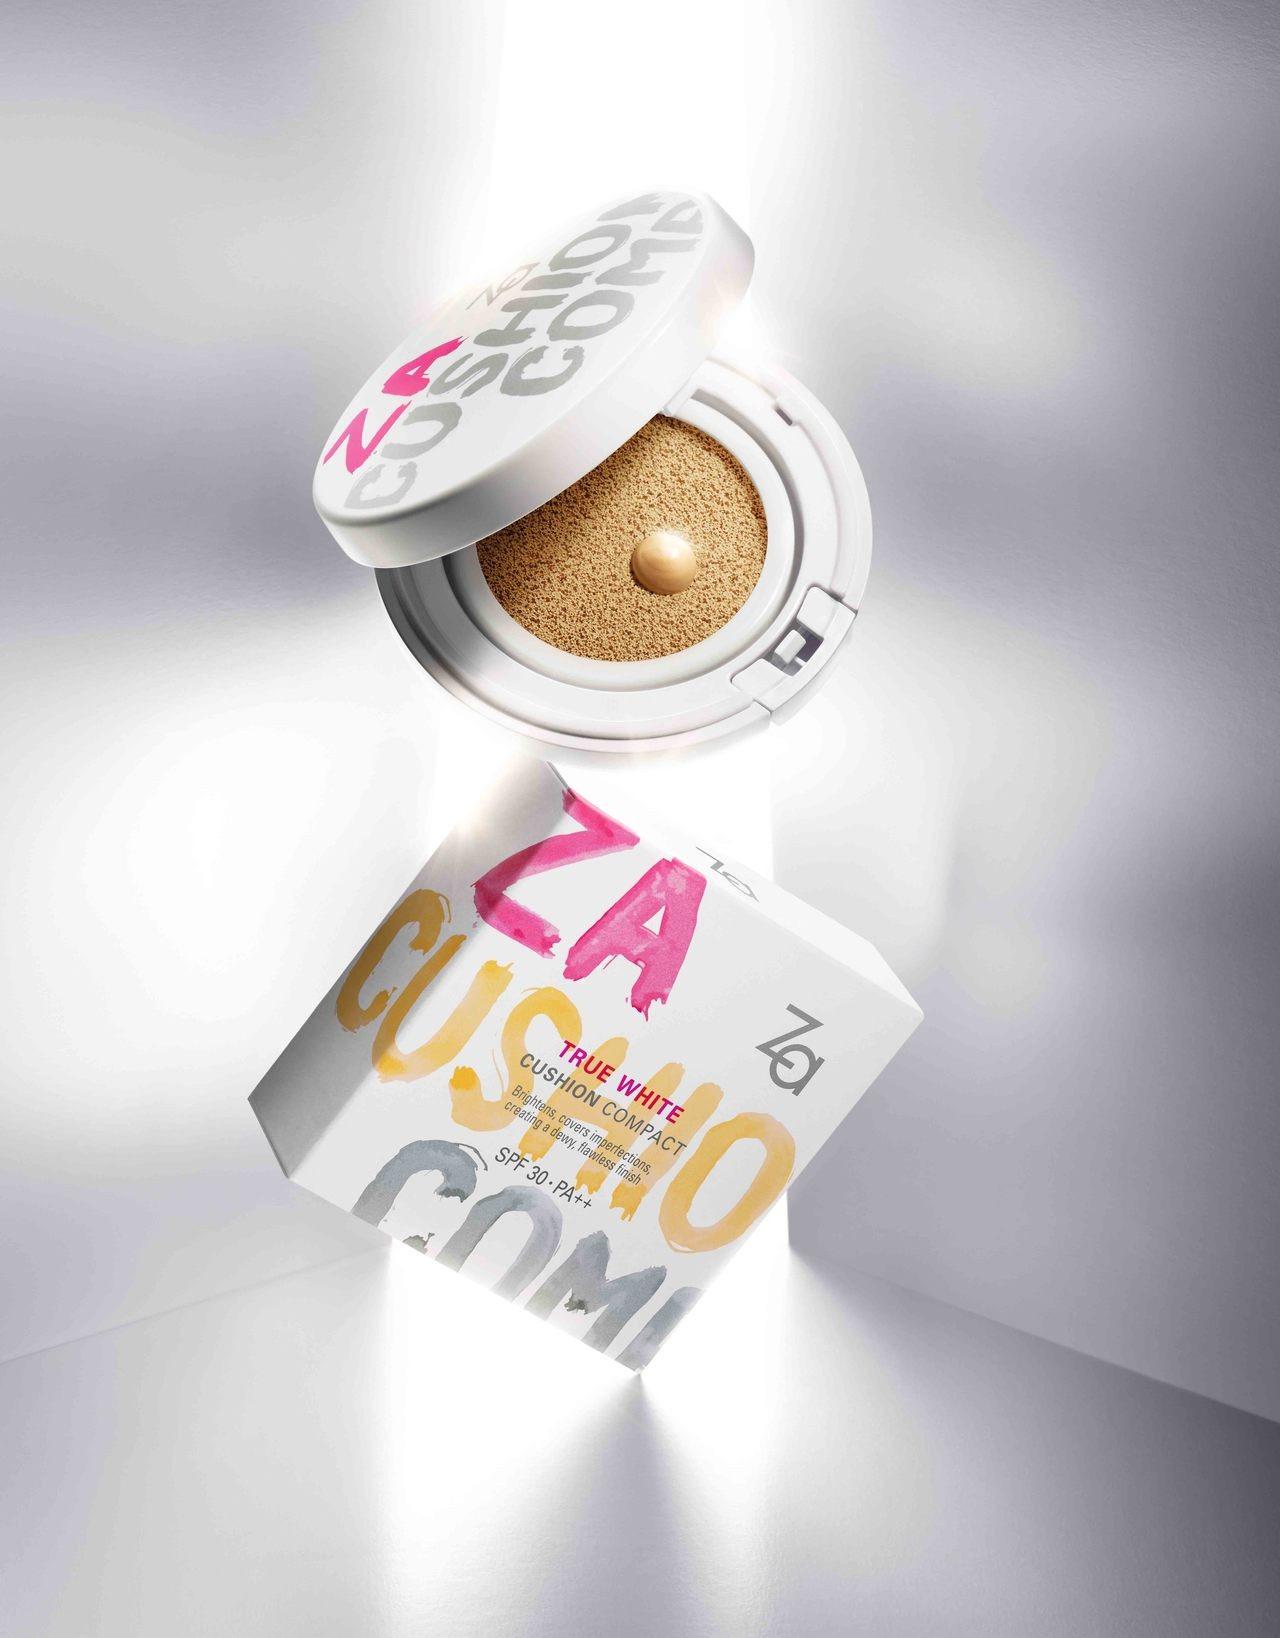 屈臣氏第4名:Za裸光亮白氣墊粉餅#明亮色,售價590元。圖/Za提供